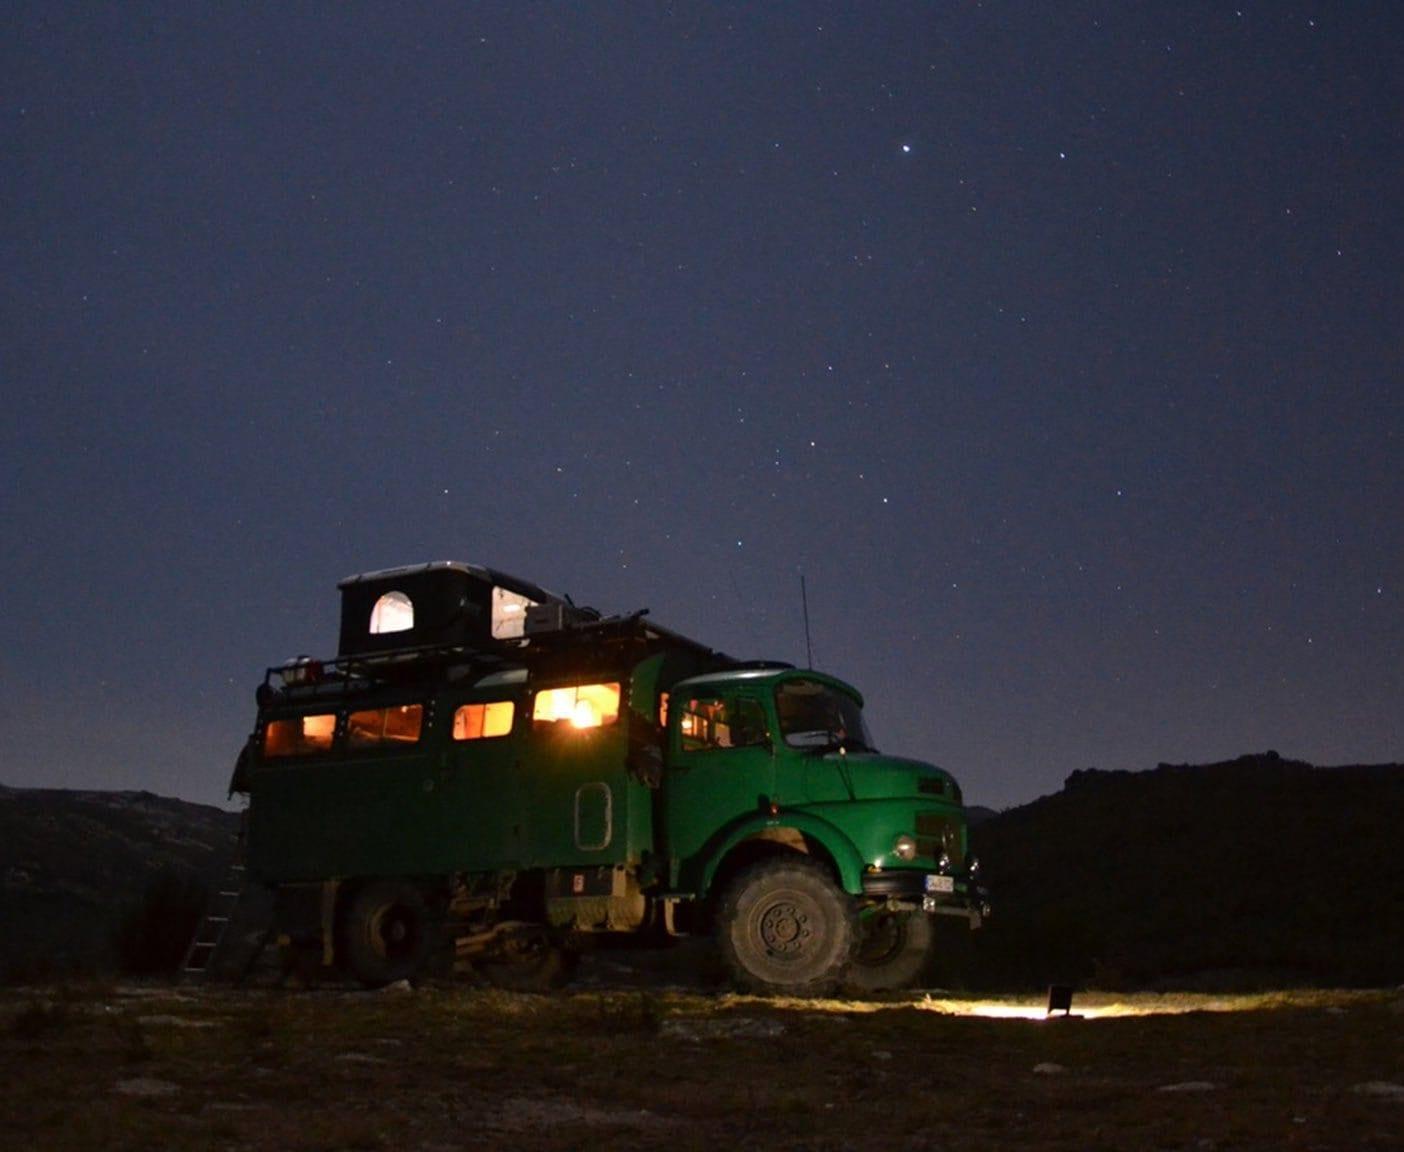 Mercedes-Benz-LA-911B-wohnmobil-kurzhauber-rundhauber-feuerwehr-umbau-camper-4x4-nacht